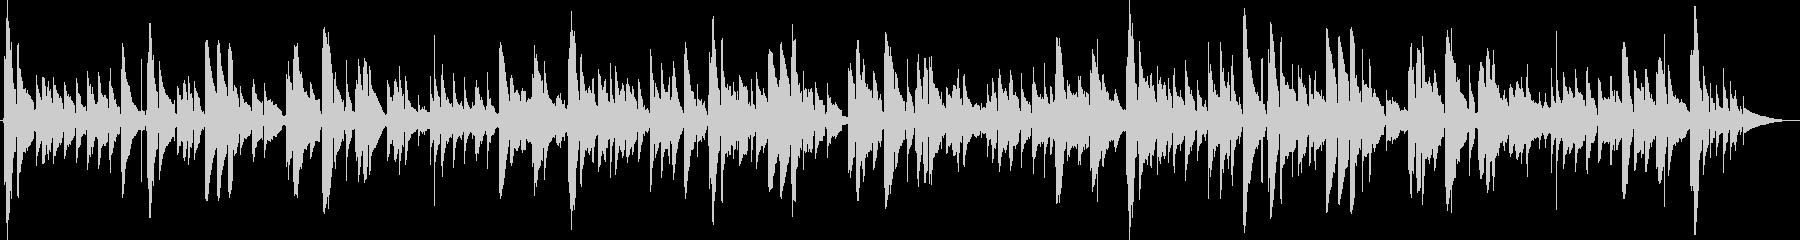 ジュピター アコギ演奏 感動的 結婚式の未再生の波形